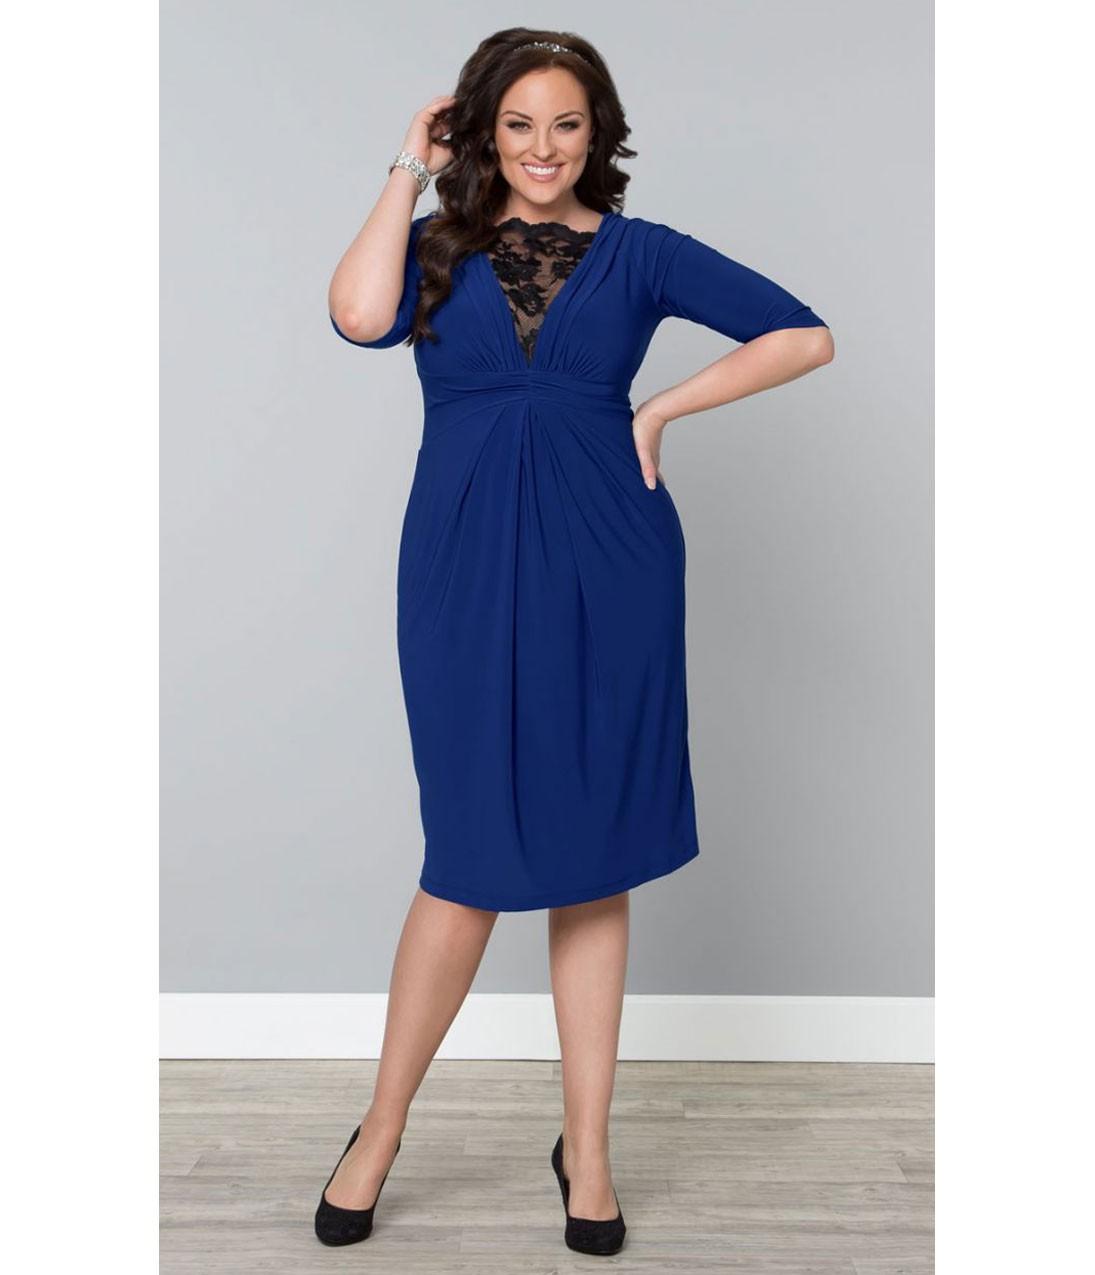 Büyük beden kobalt mavisi güpürlü kokteyl elbisesi - Kokteyl Elbiseleri elbise Büyük Beden Kokteyl büyük beden elbise büyük beden